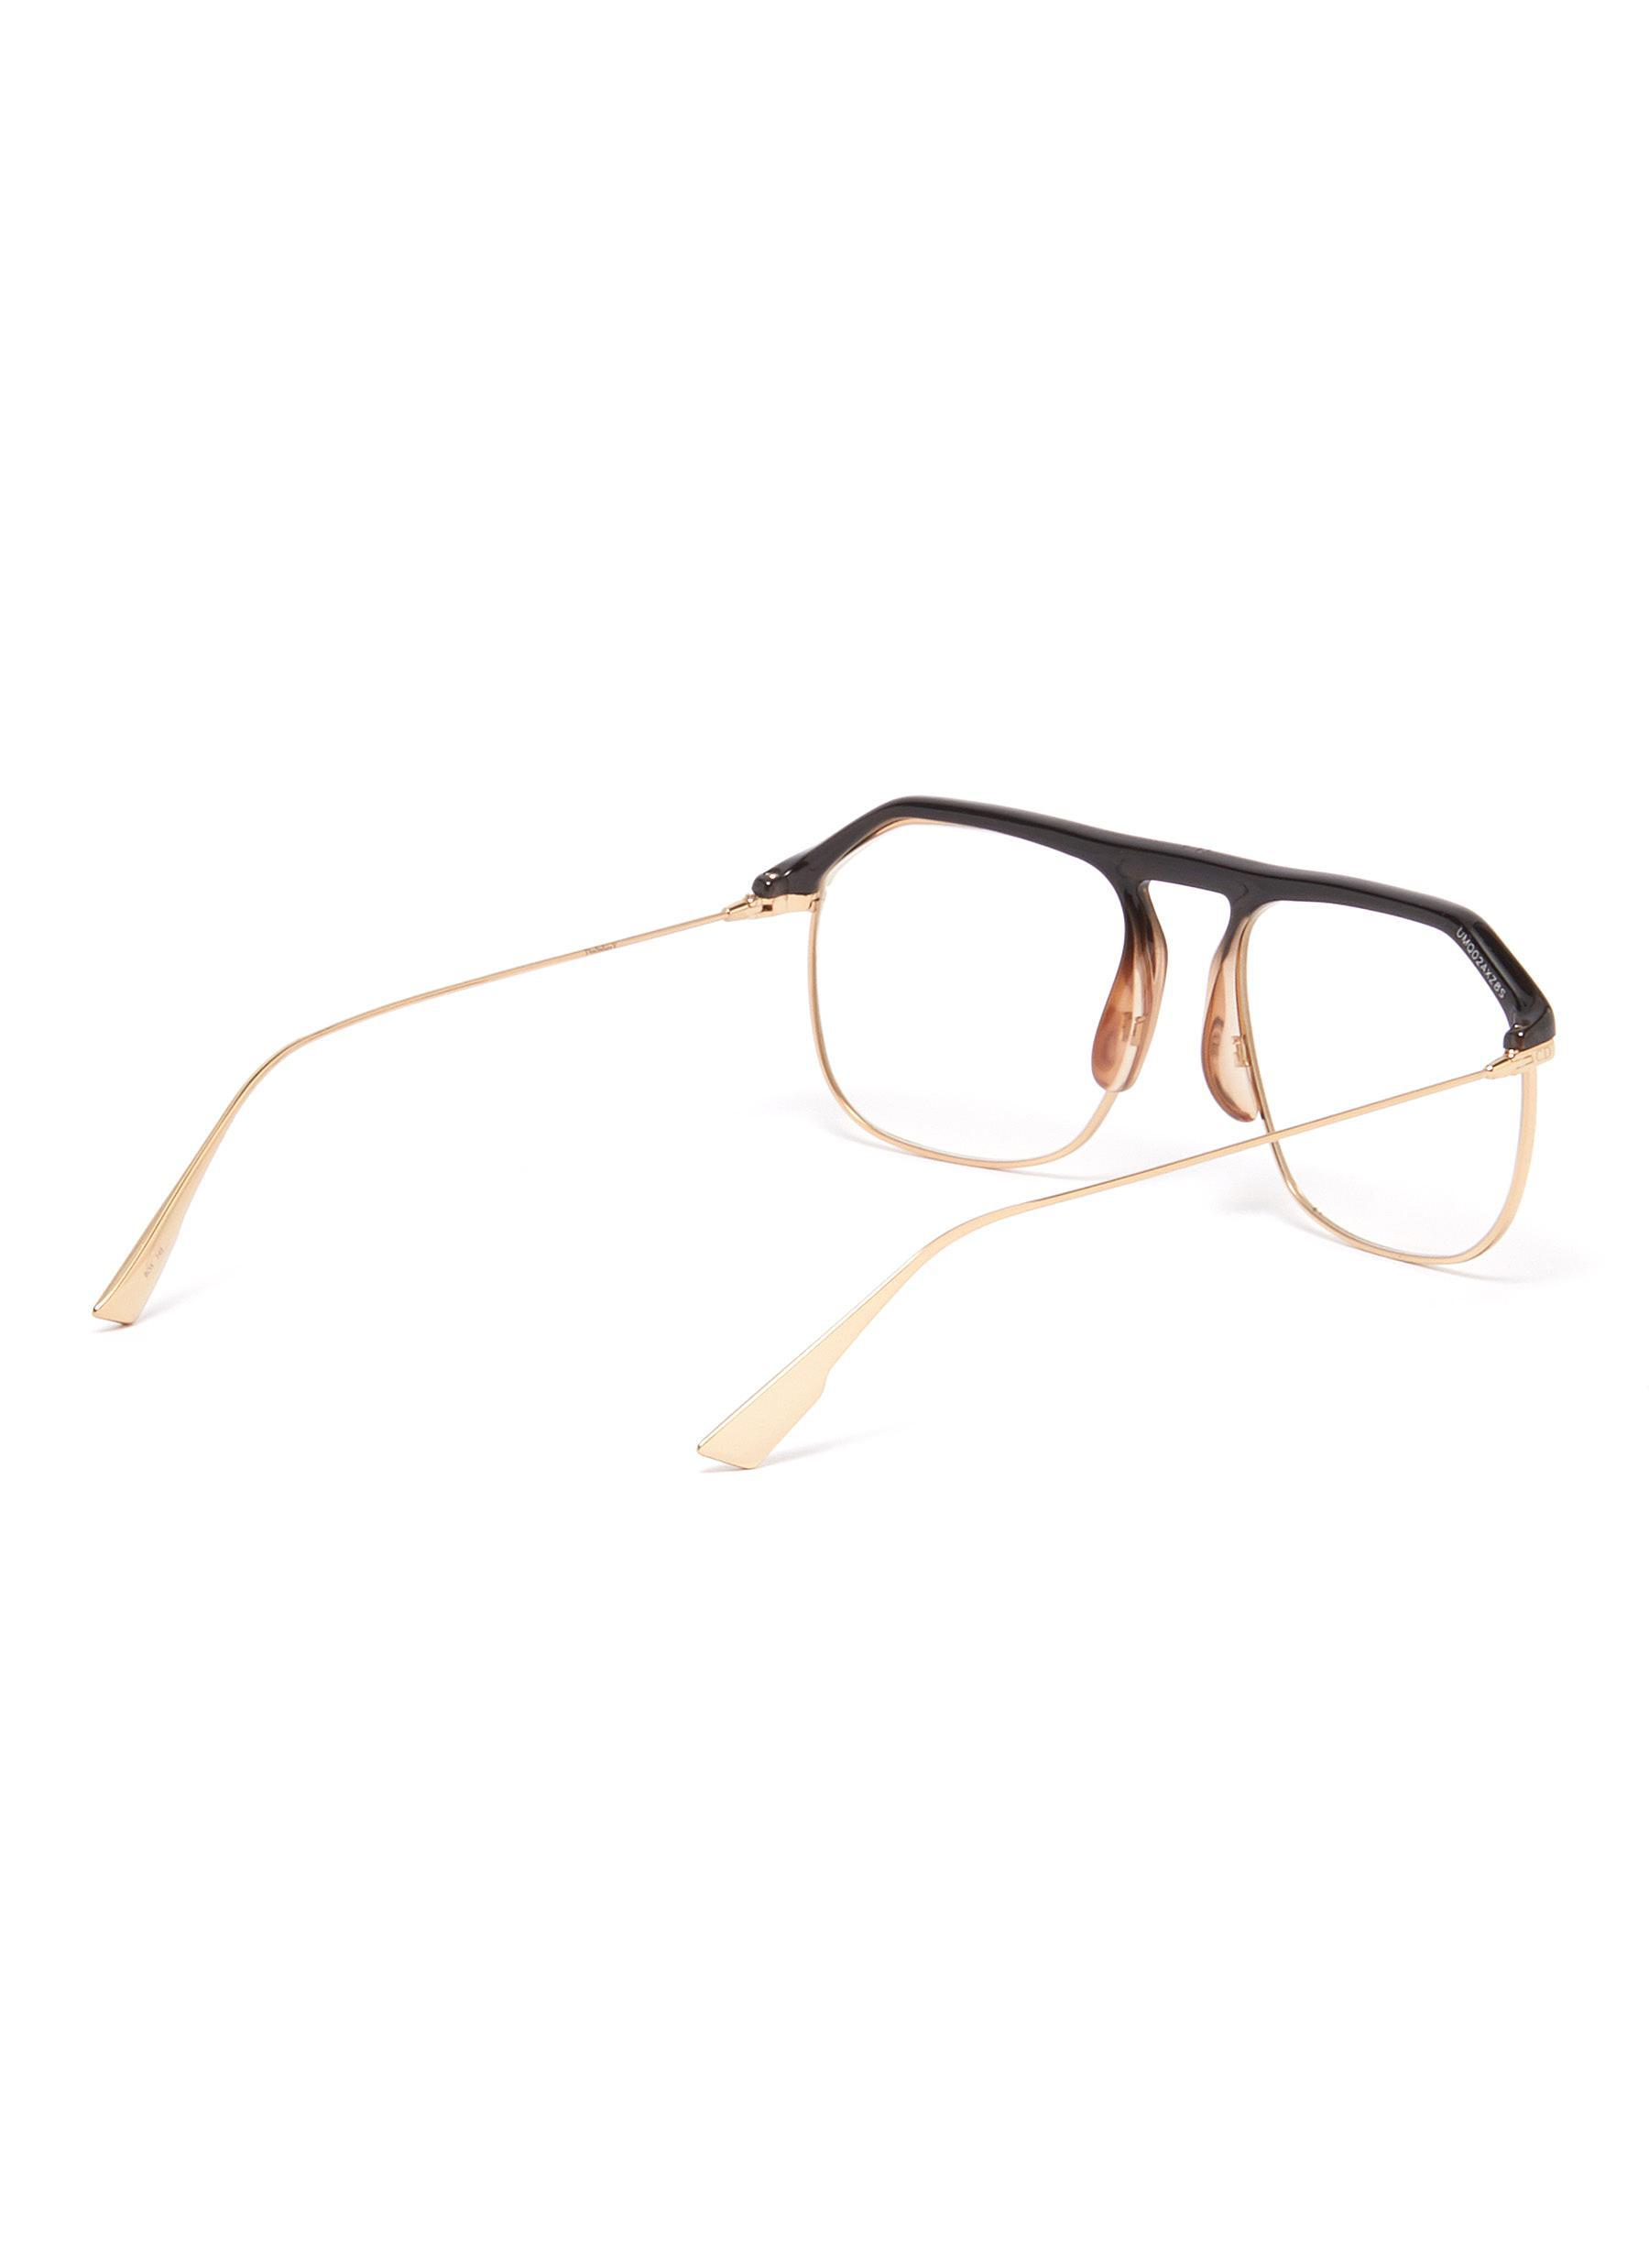 460e140993d ... Acetate Top Bar Metal Square Optical Glasses for Men -. View fullscreen